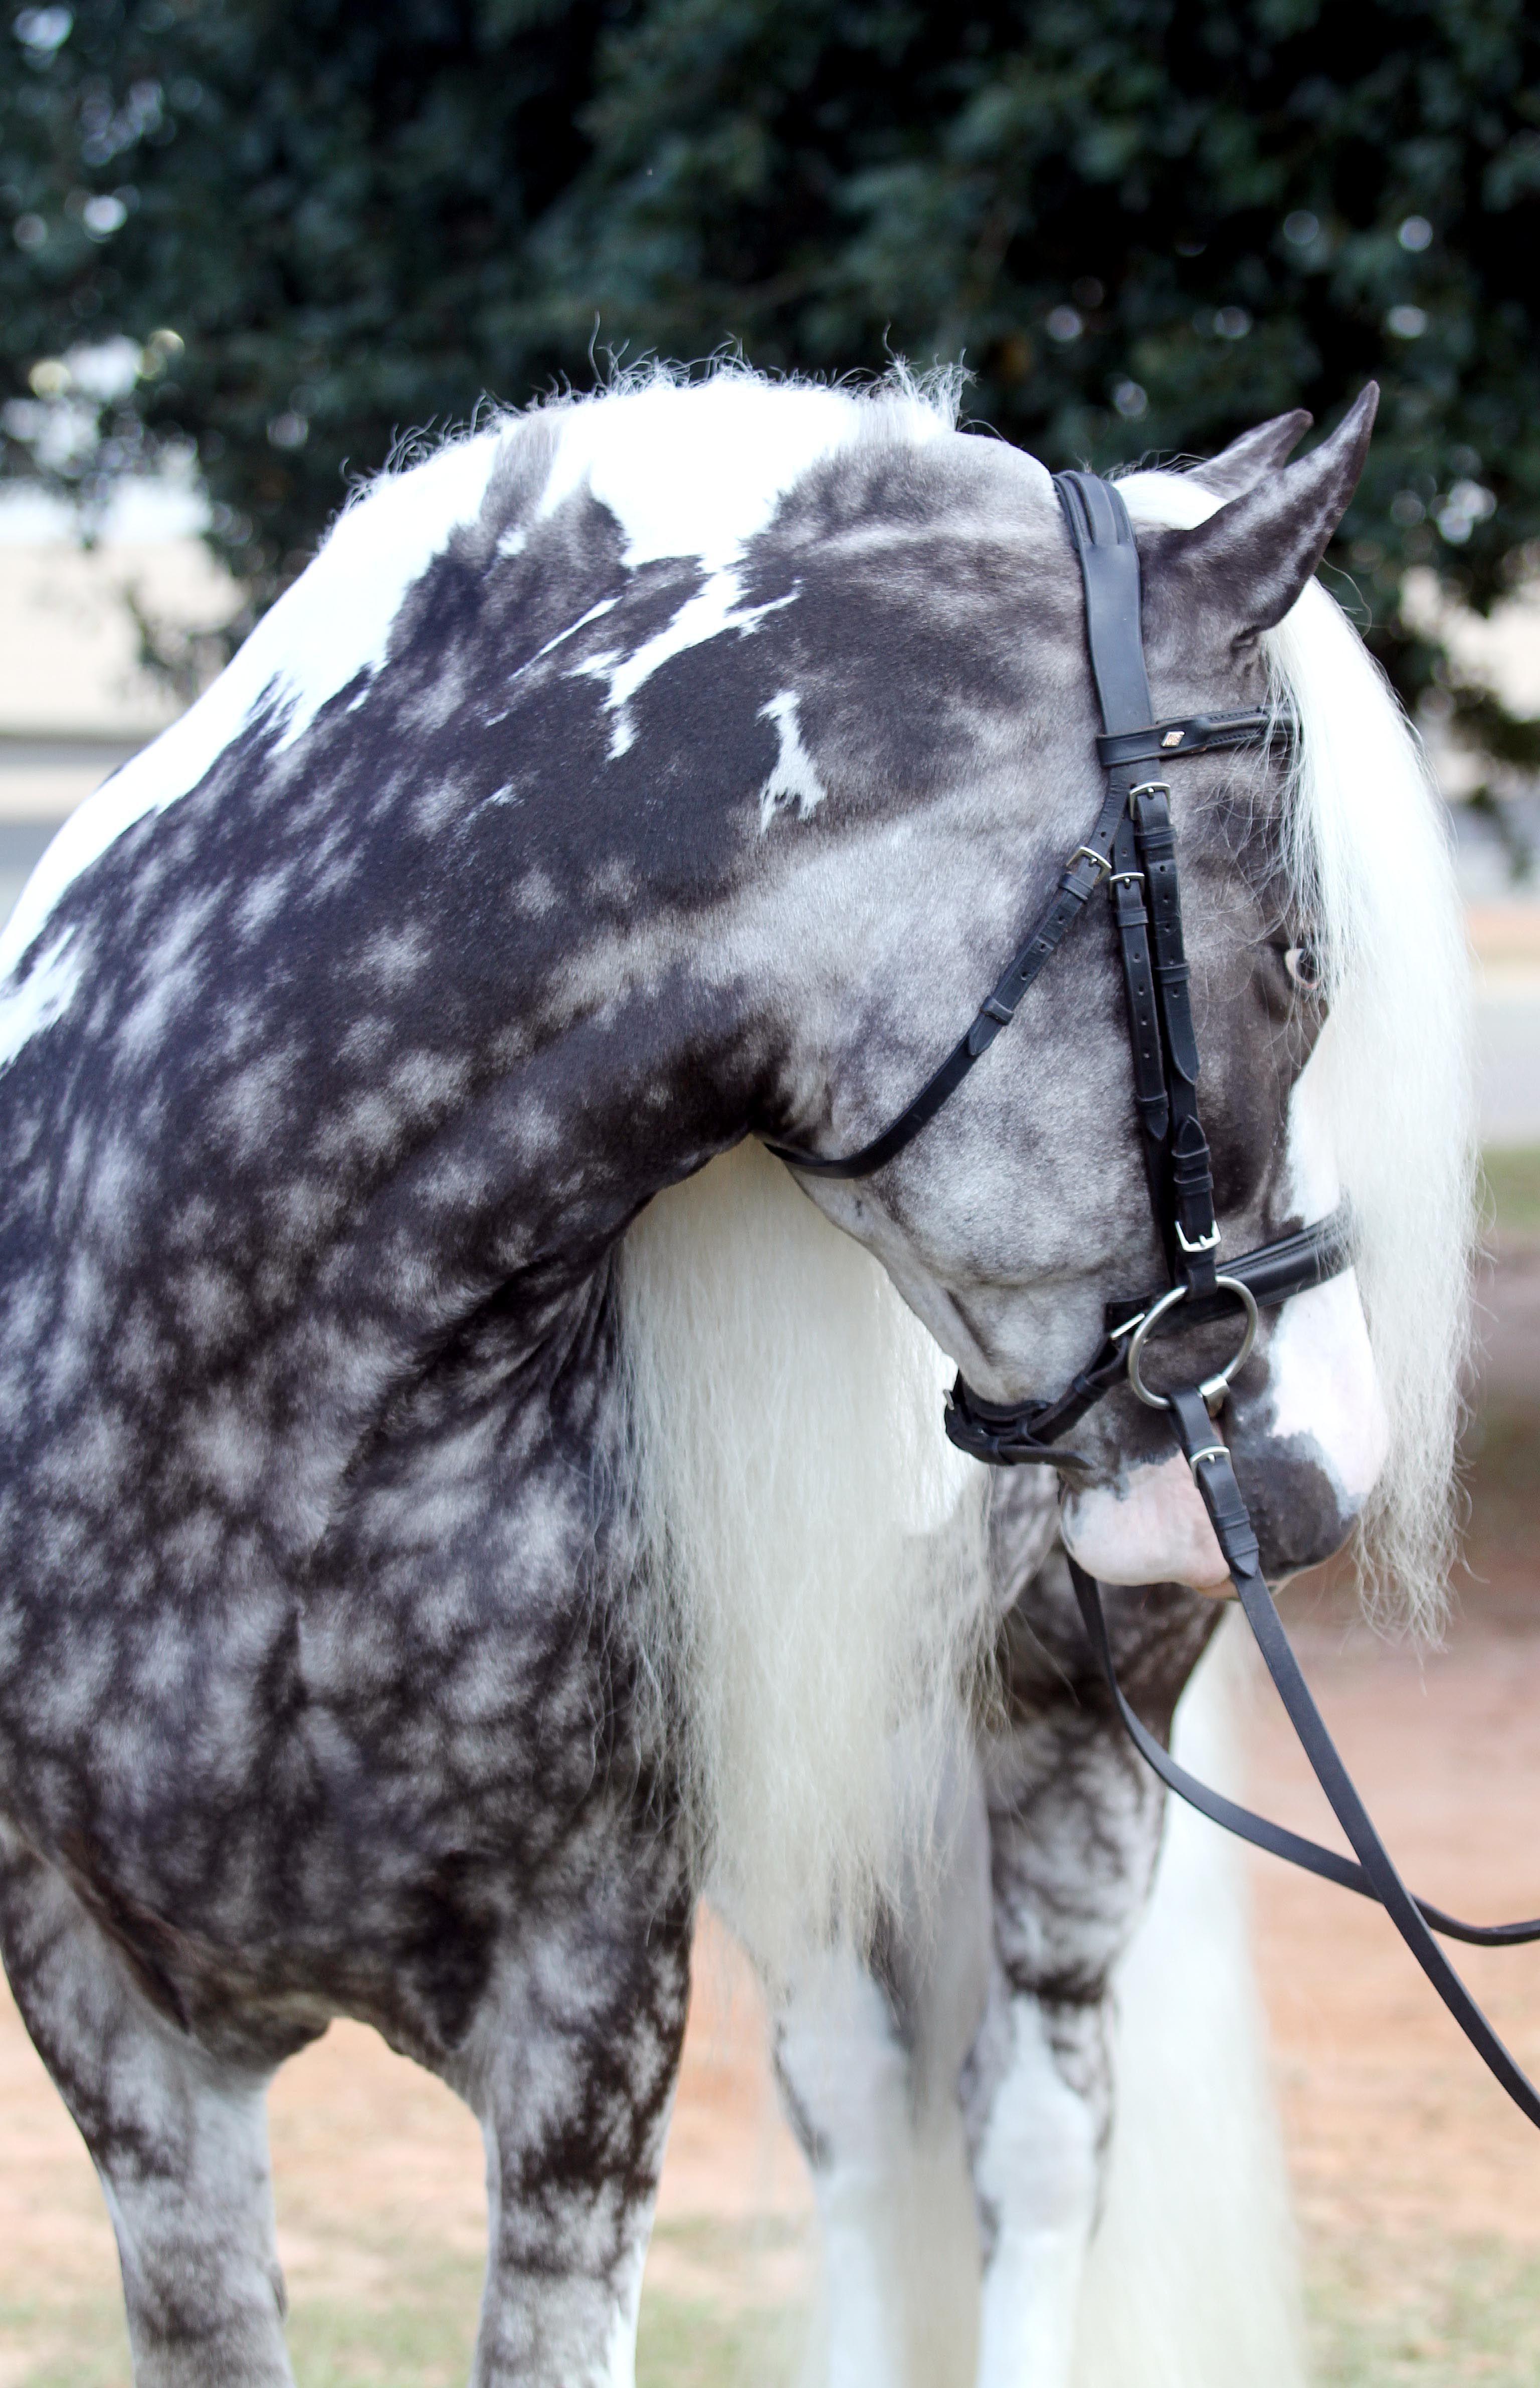 Gypsy Stallion Dapple Grey Mystical Photography Head